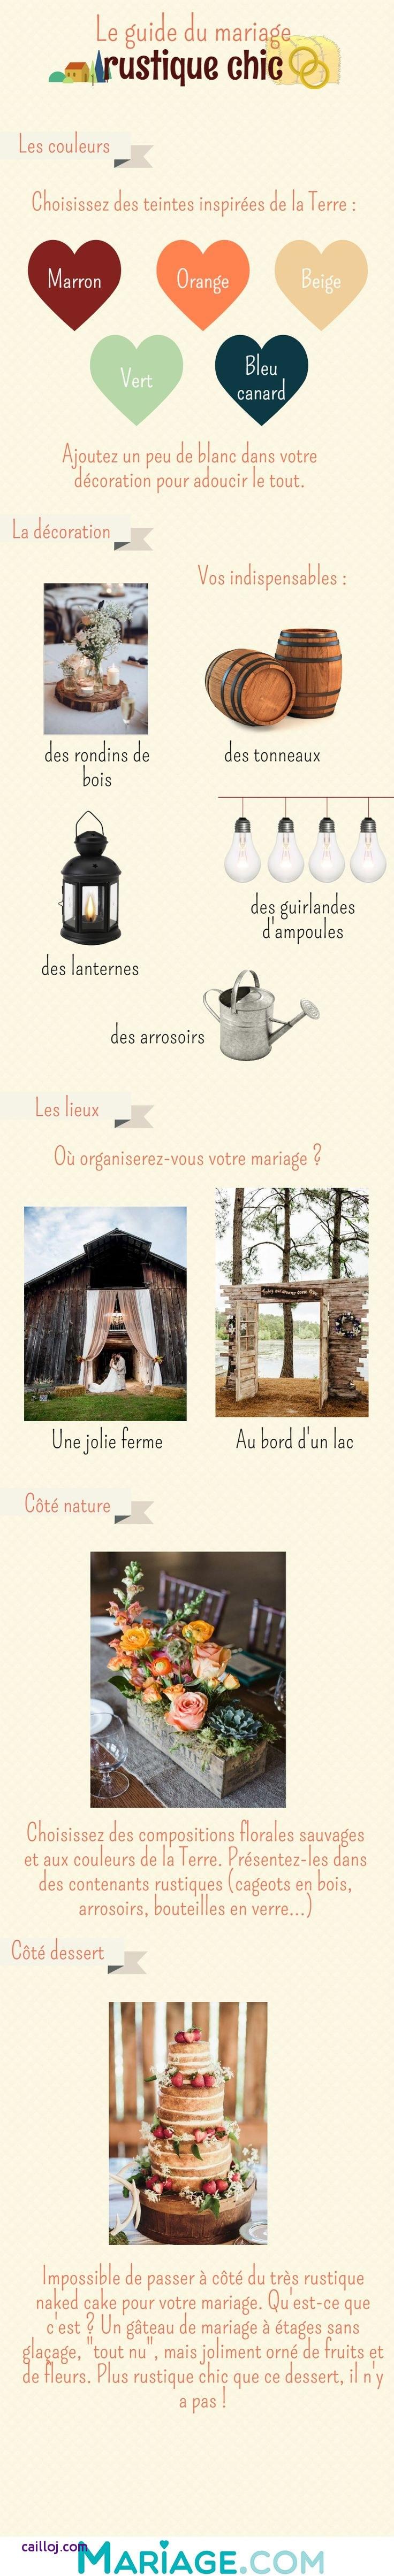 Catalogue La Foirfouille Frais Image Decoration Voiture Mariage Foir Fouille Meilleur De Logiciel